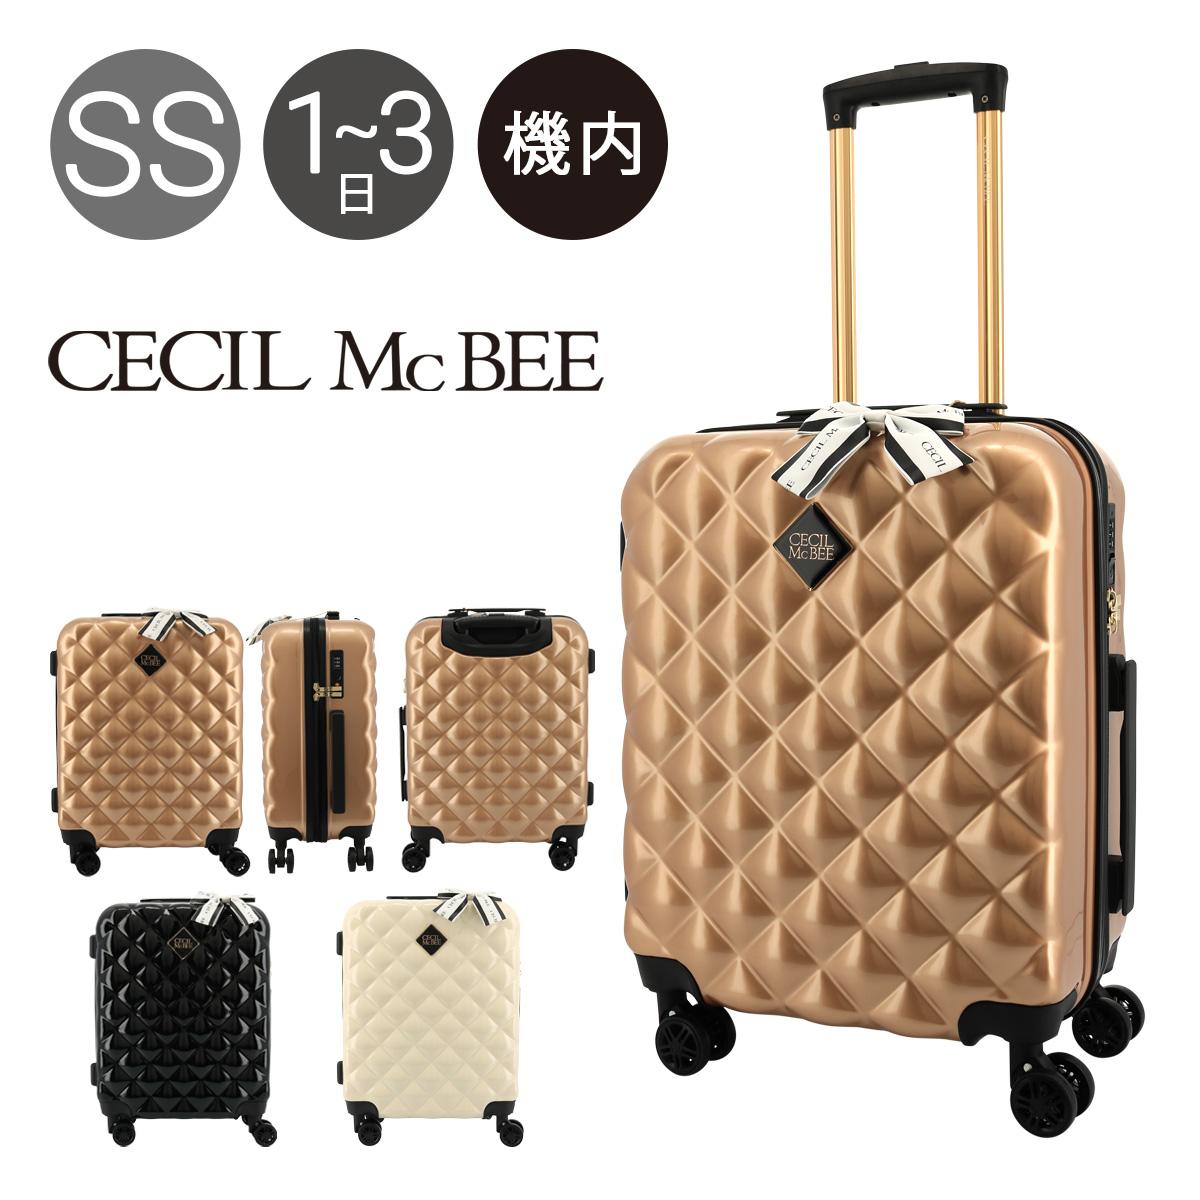 セシルマクビー スーツケース 35L 53cm 2.6kg レディース CM12-4-00001 CECIL McBEE   ハード ファスナー   キャリーケース ハードキャリー[PO5][即日発送]